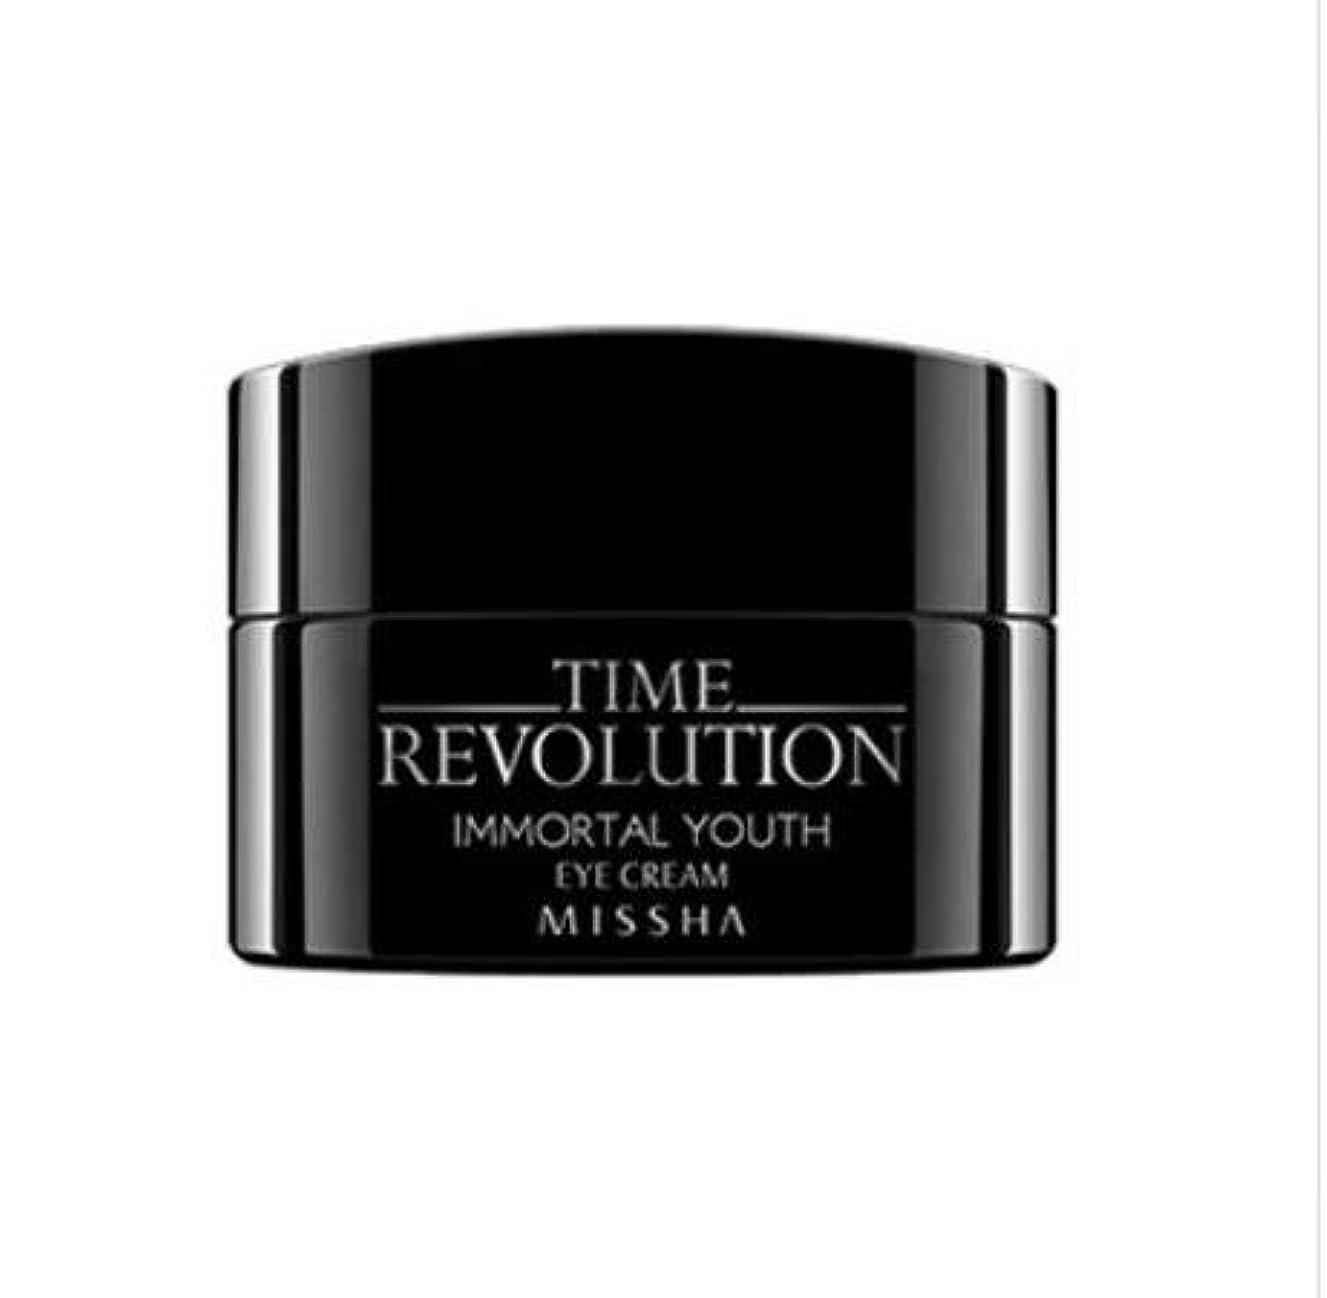 アンビエントアノイかすれた[ミシャ] Missha [タイムレボリューション イモタルユース アイクリーム](MISSHA Time Revolution Immortal Youth Eye Cream) [並行輸入品]